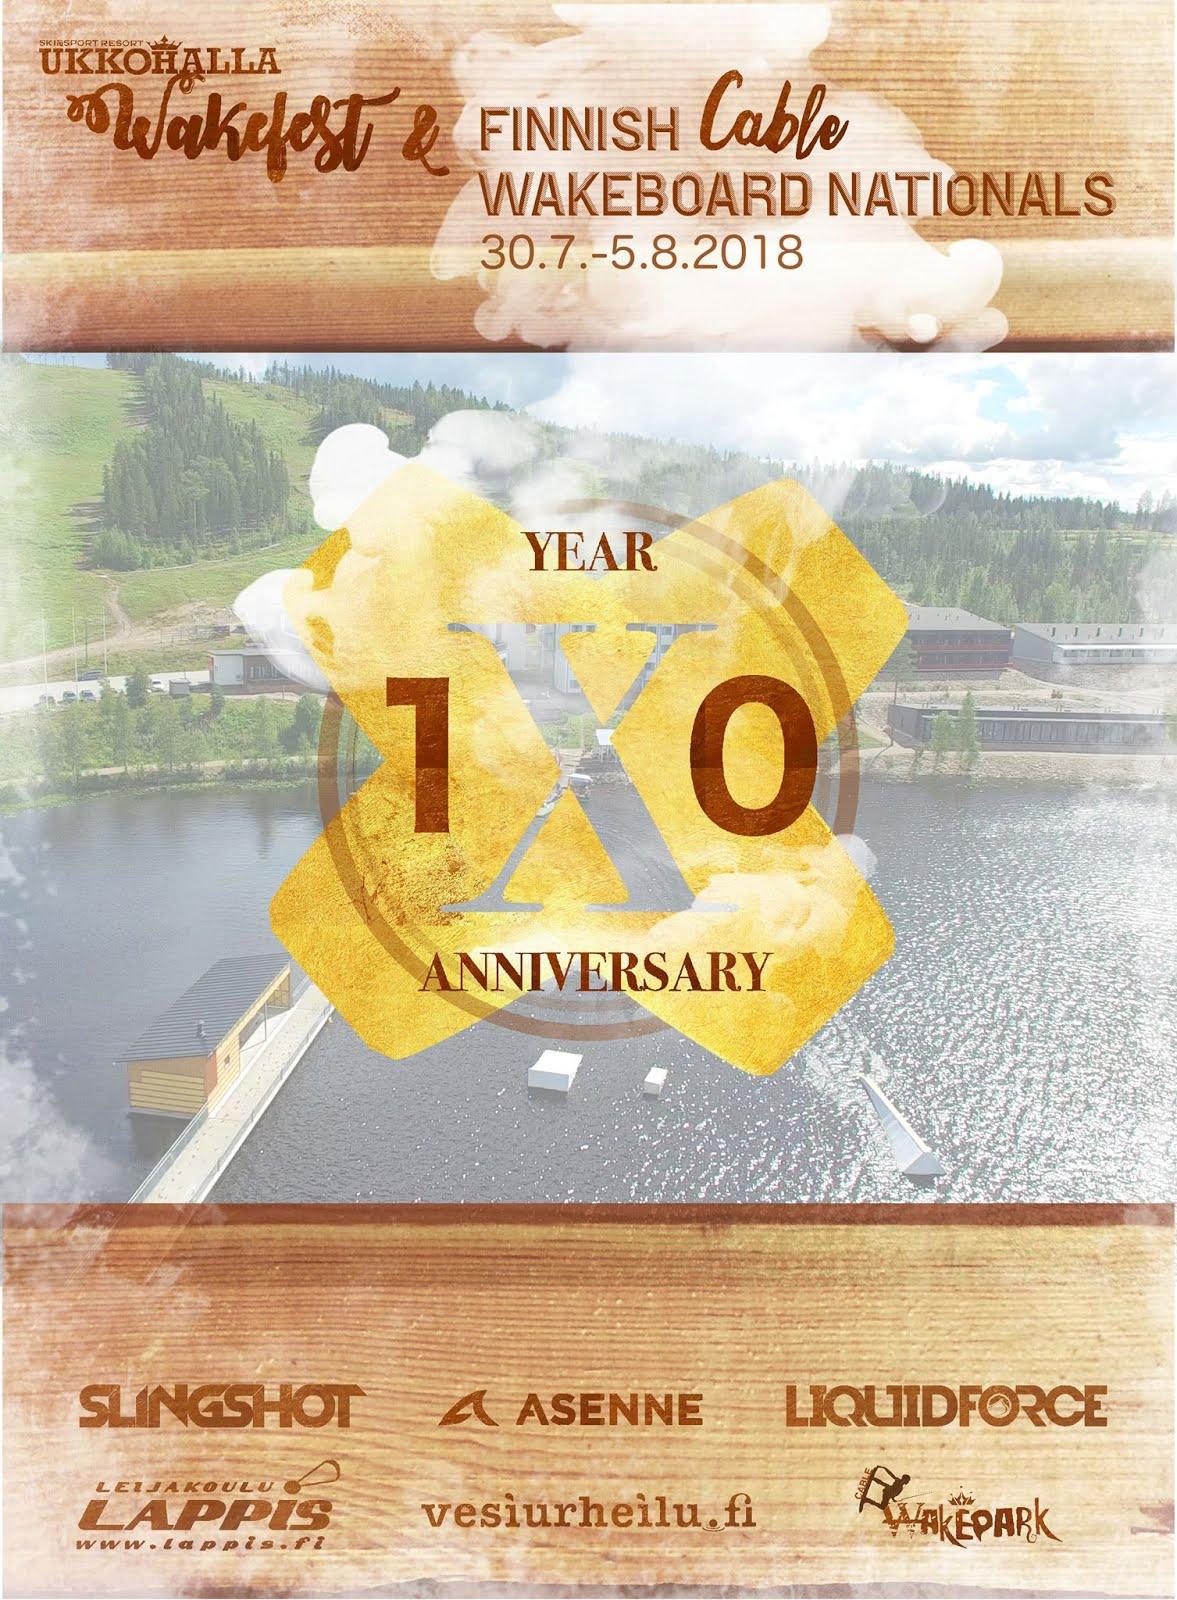 Ukkohalla Finnish Wakefest 2018